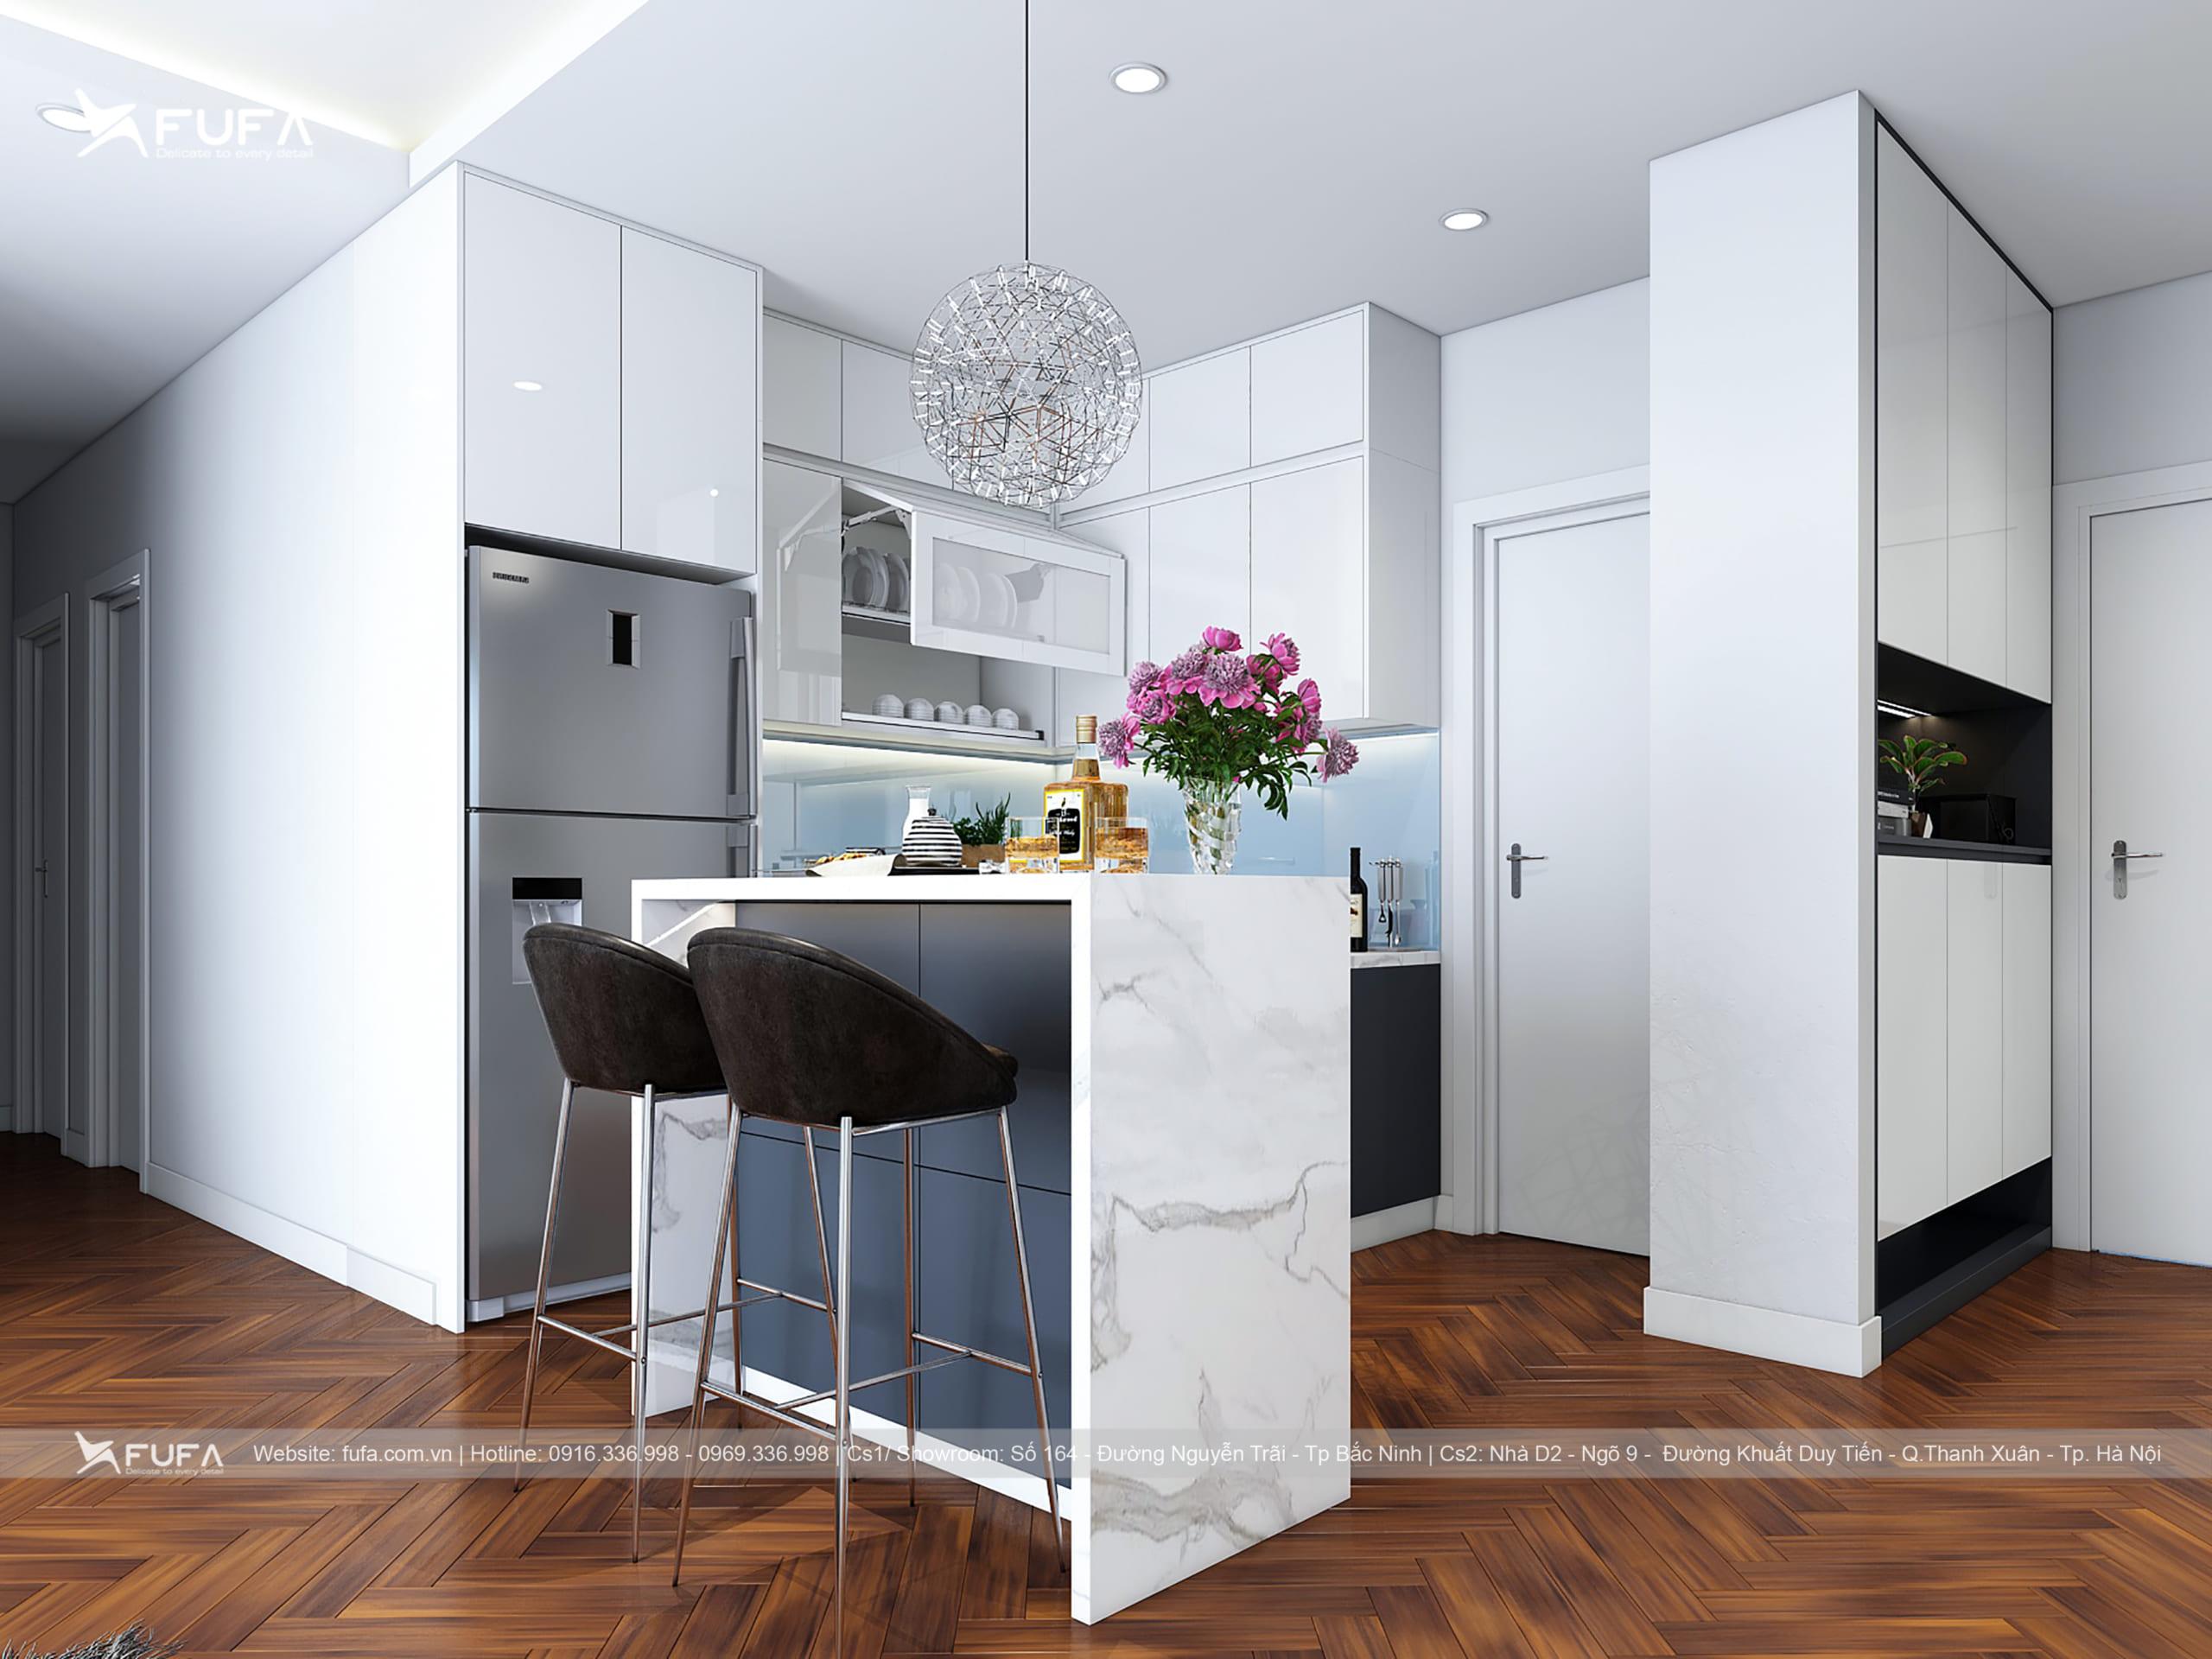 Nhựa acrylic ứng dụng làm tủ bếp